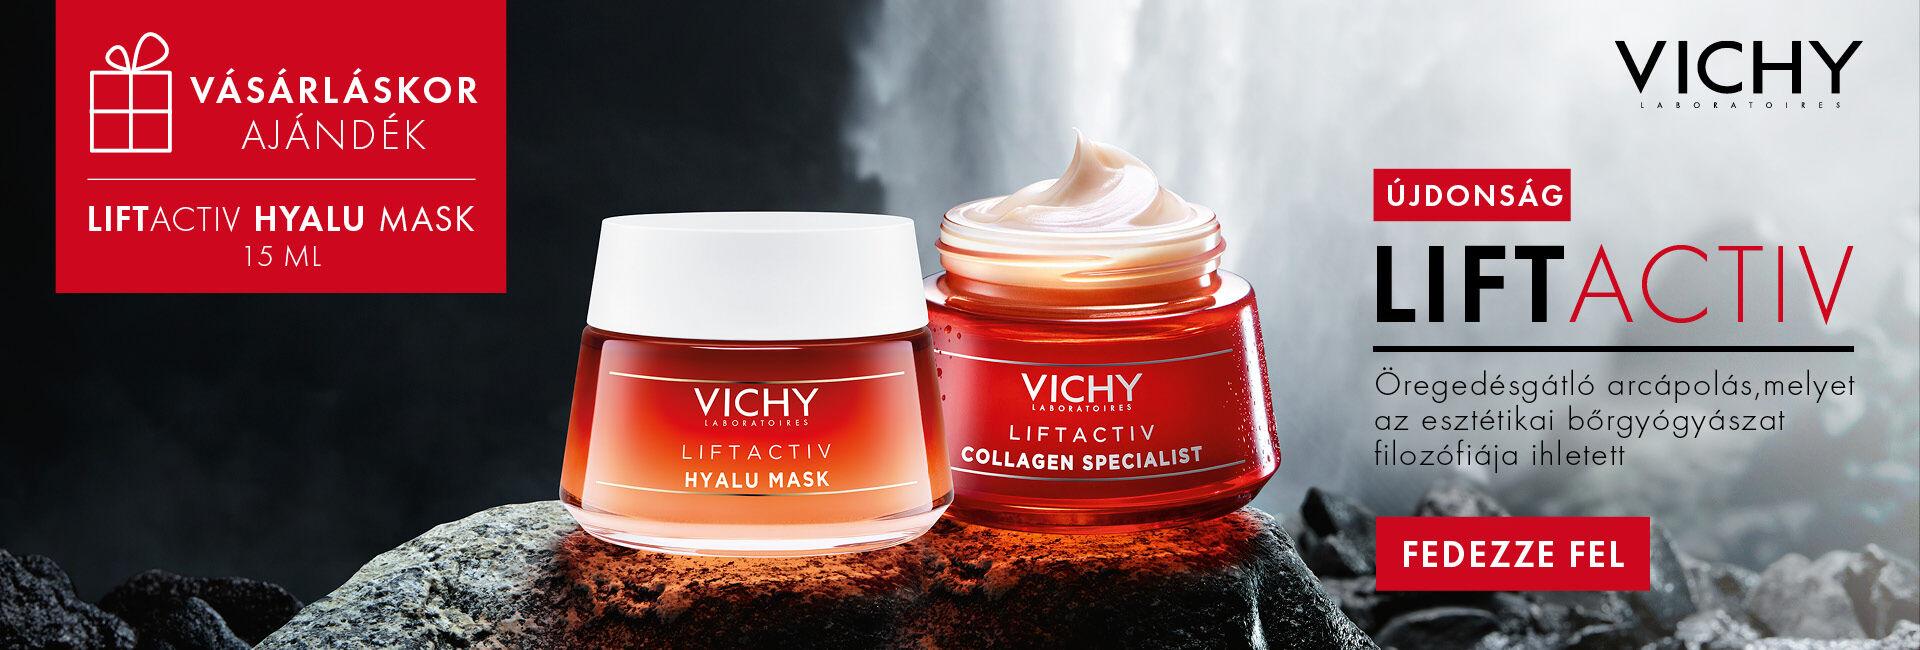 Vichy Liftactiv Hyalu maszk 15ml ajándékot adunk!